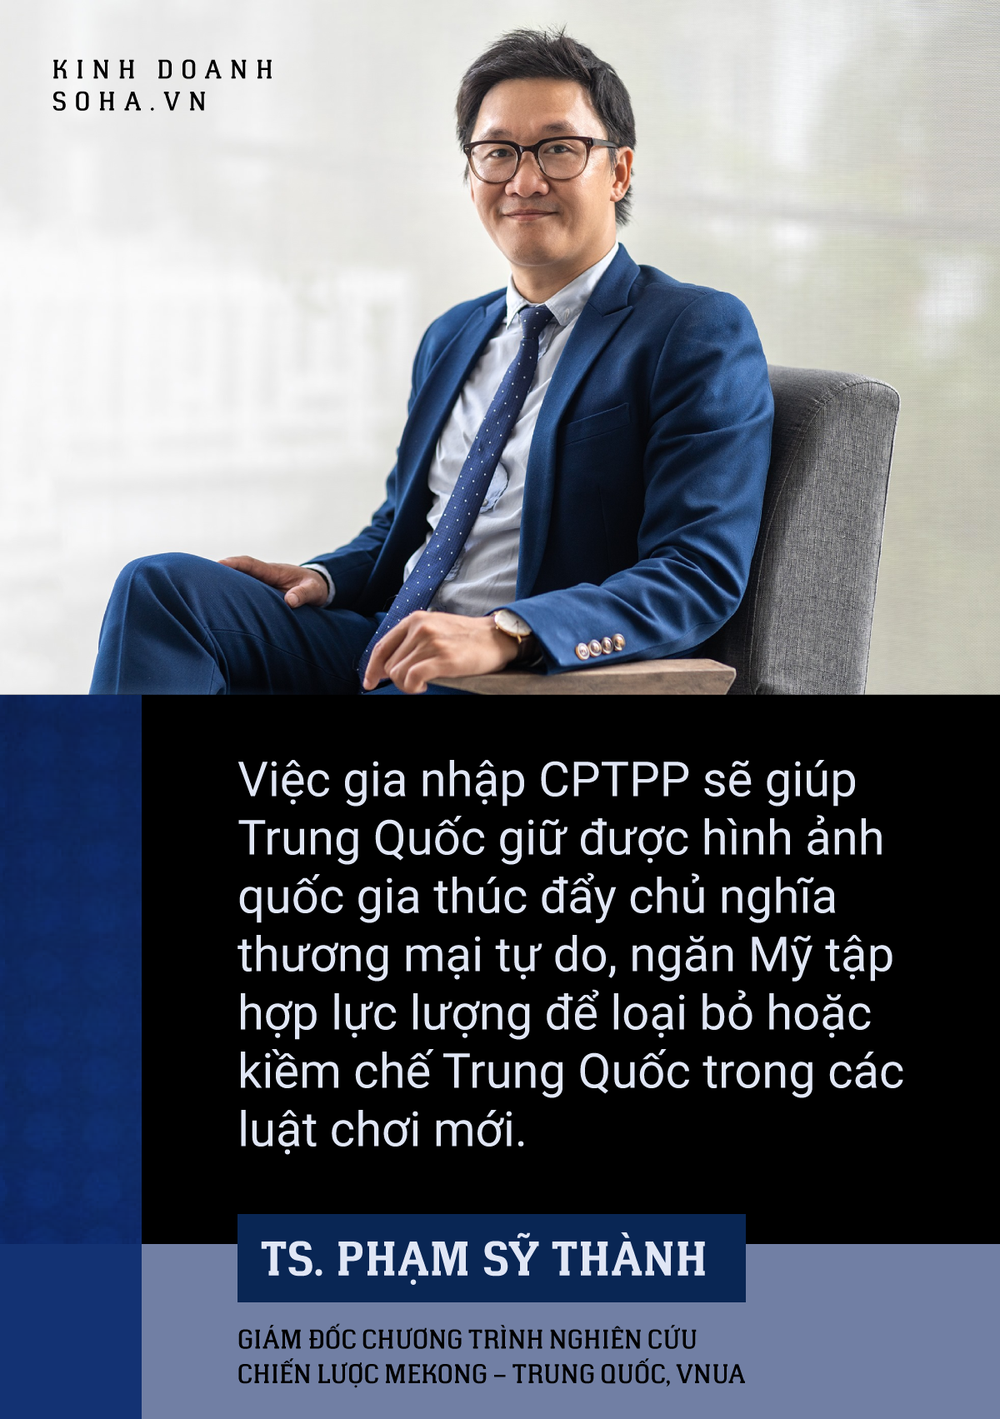 Trung Quốc nộp đơn gia nhập CPTPP, muốn định hình luật chơi mới: Việc Việt Nam cần làm? - Ảnh 1.